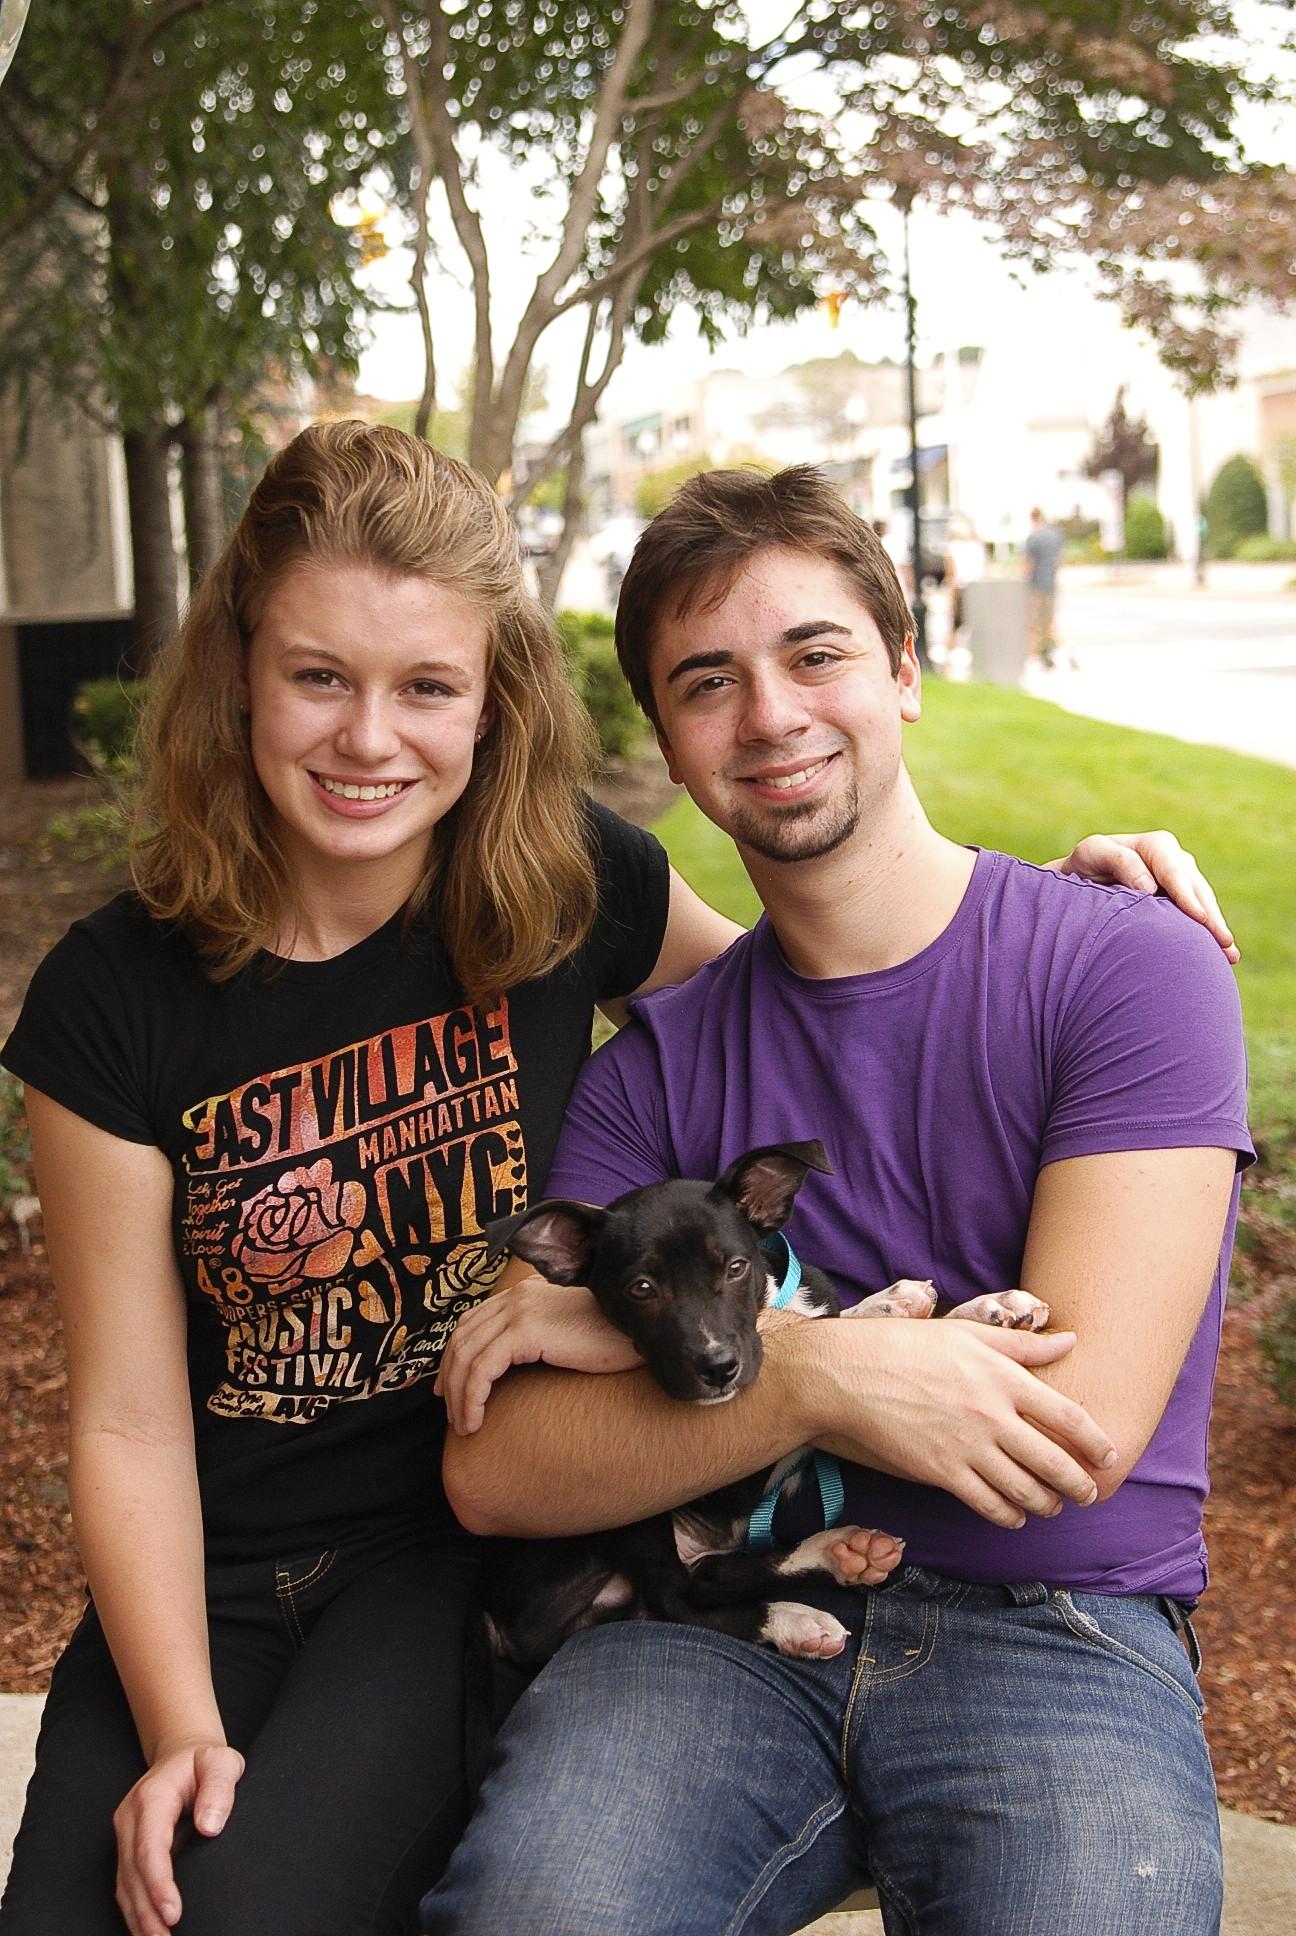 Adopt_A_Pet_9-25-11-0031.jpg